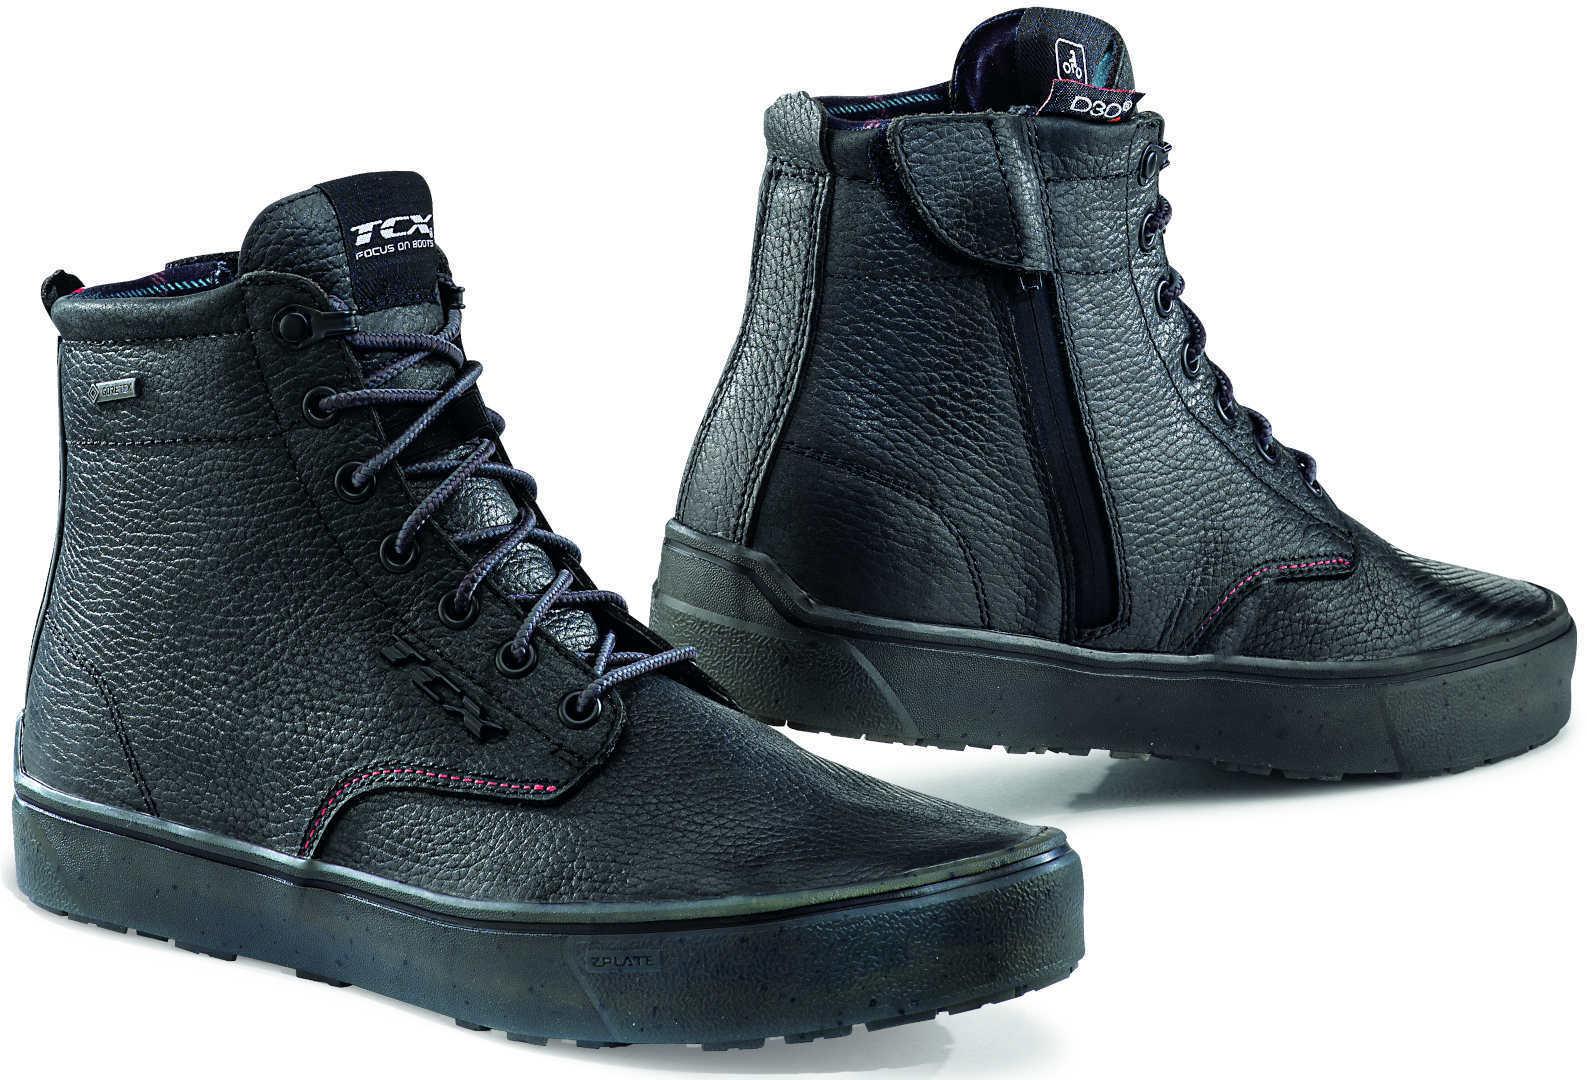 TCX Dartwood GTX Motorcycle Shoes Chaussures de moto Noir taille : 42